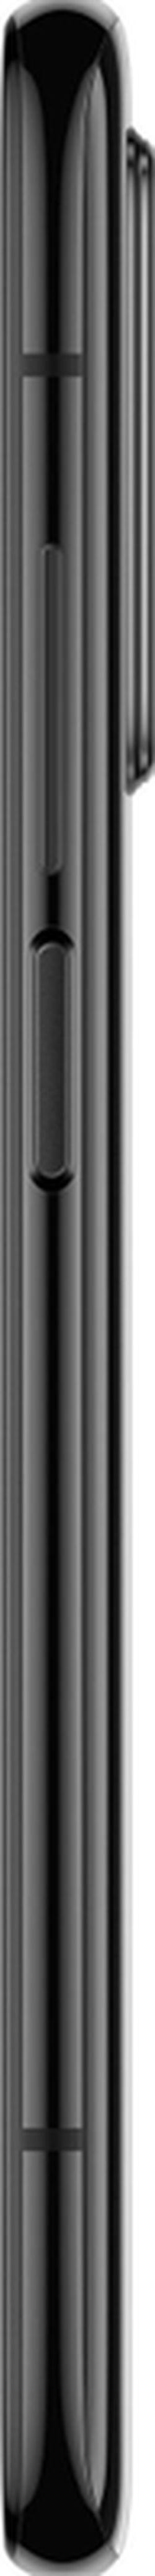 Мобильный телефон Xiaomi Mi 10T 8Gb/128Gb Black